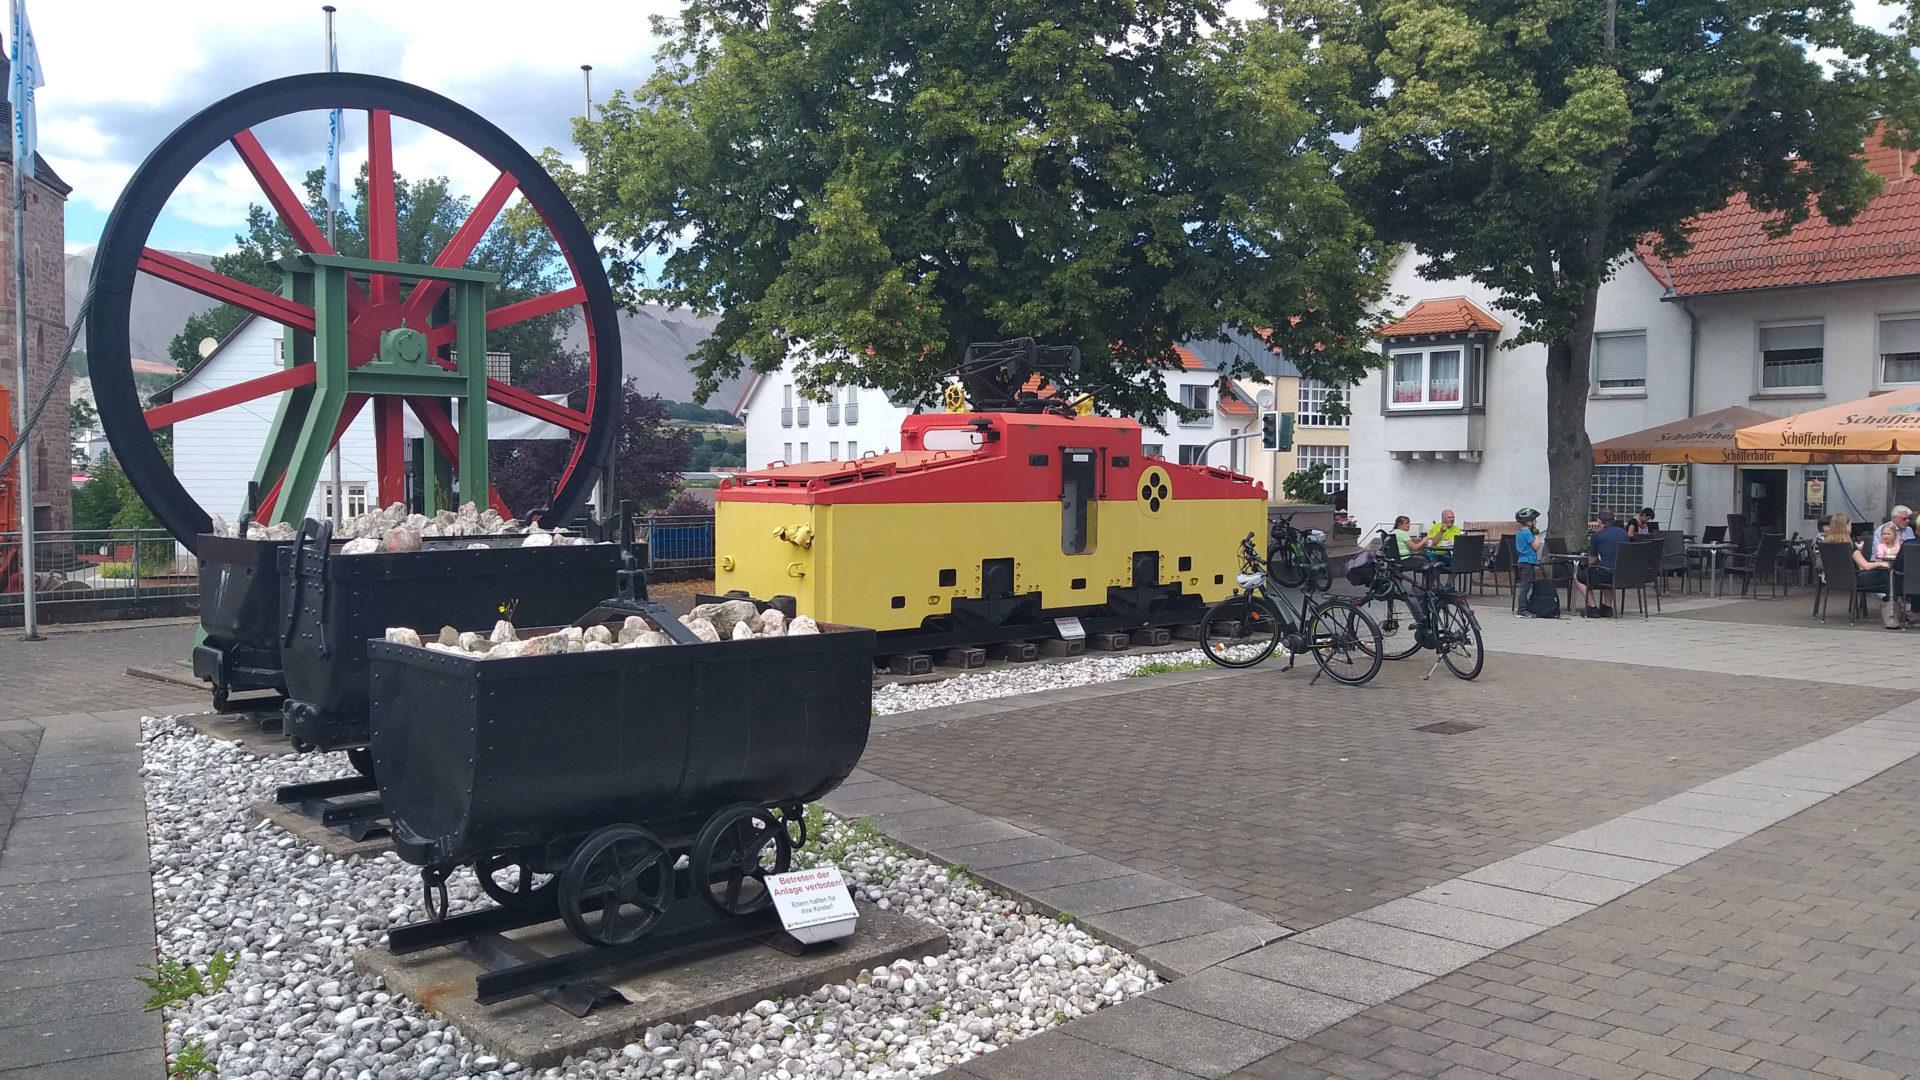 Kalimuseum Heringen